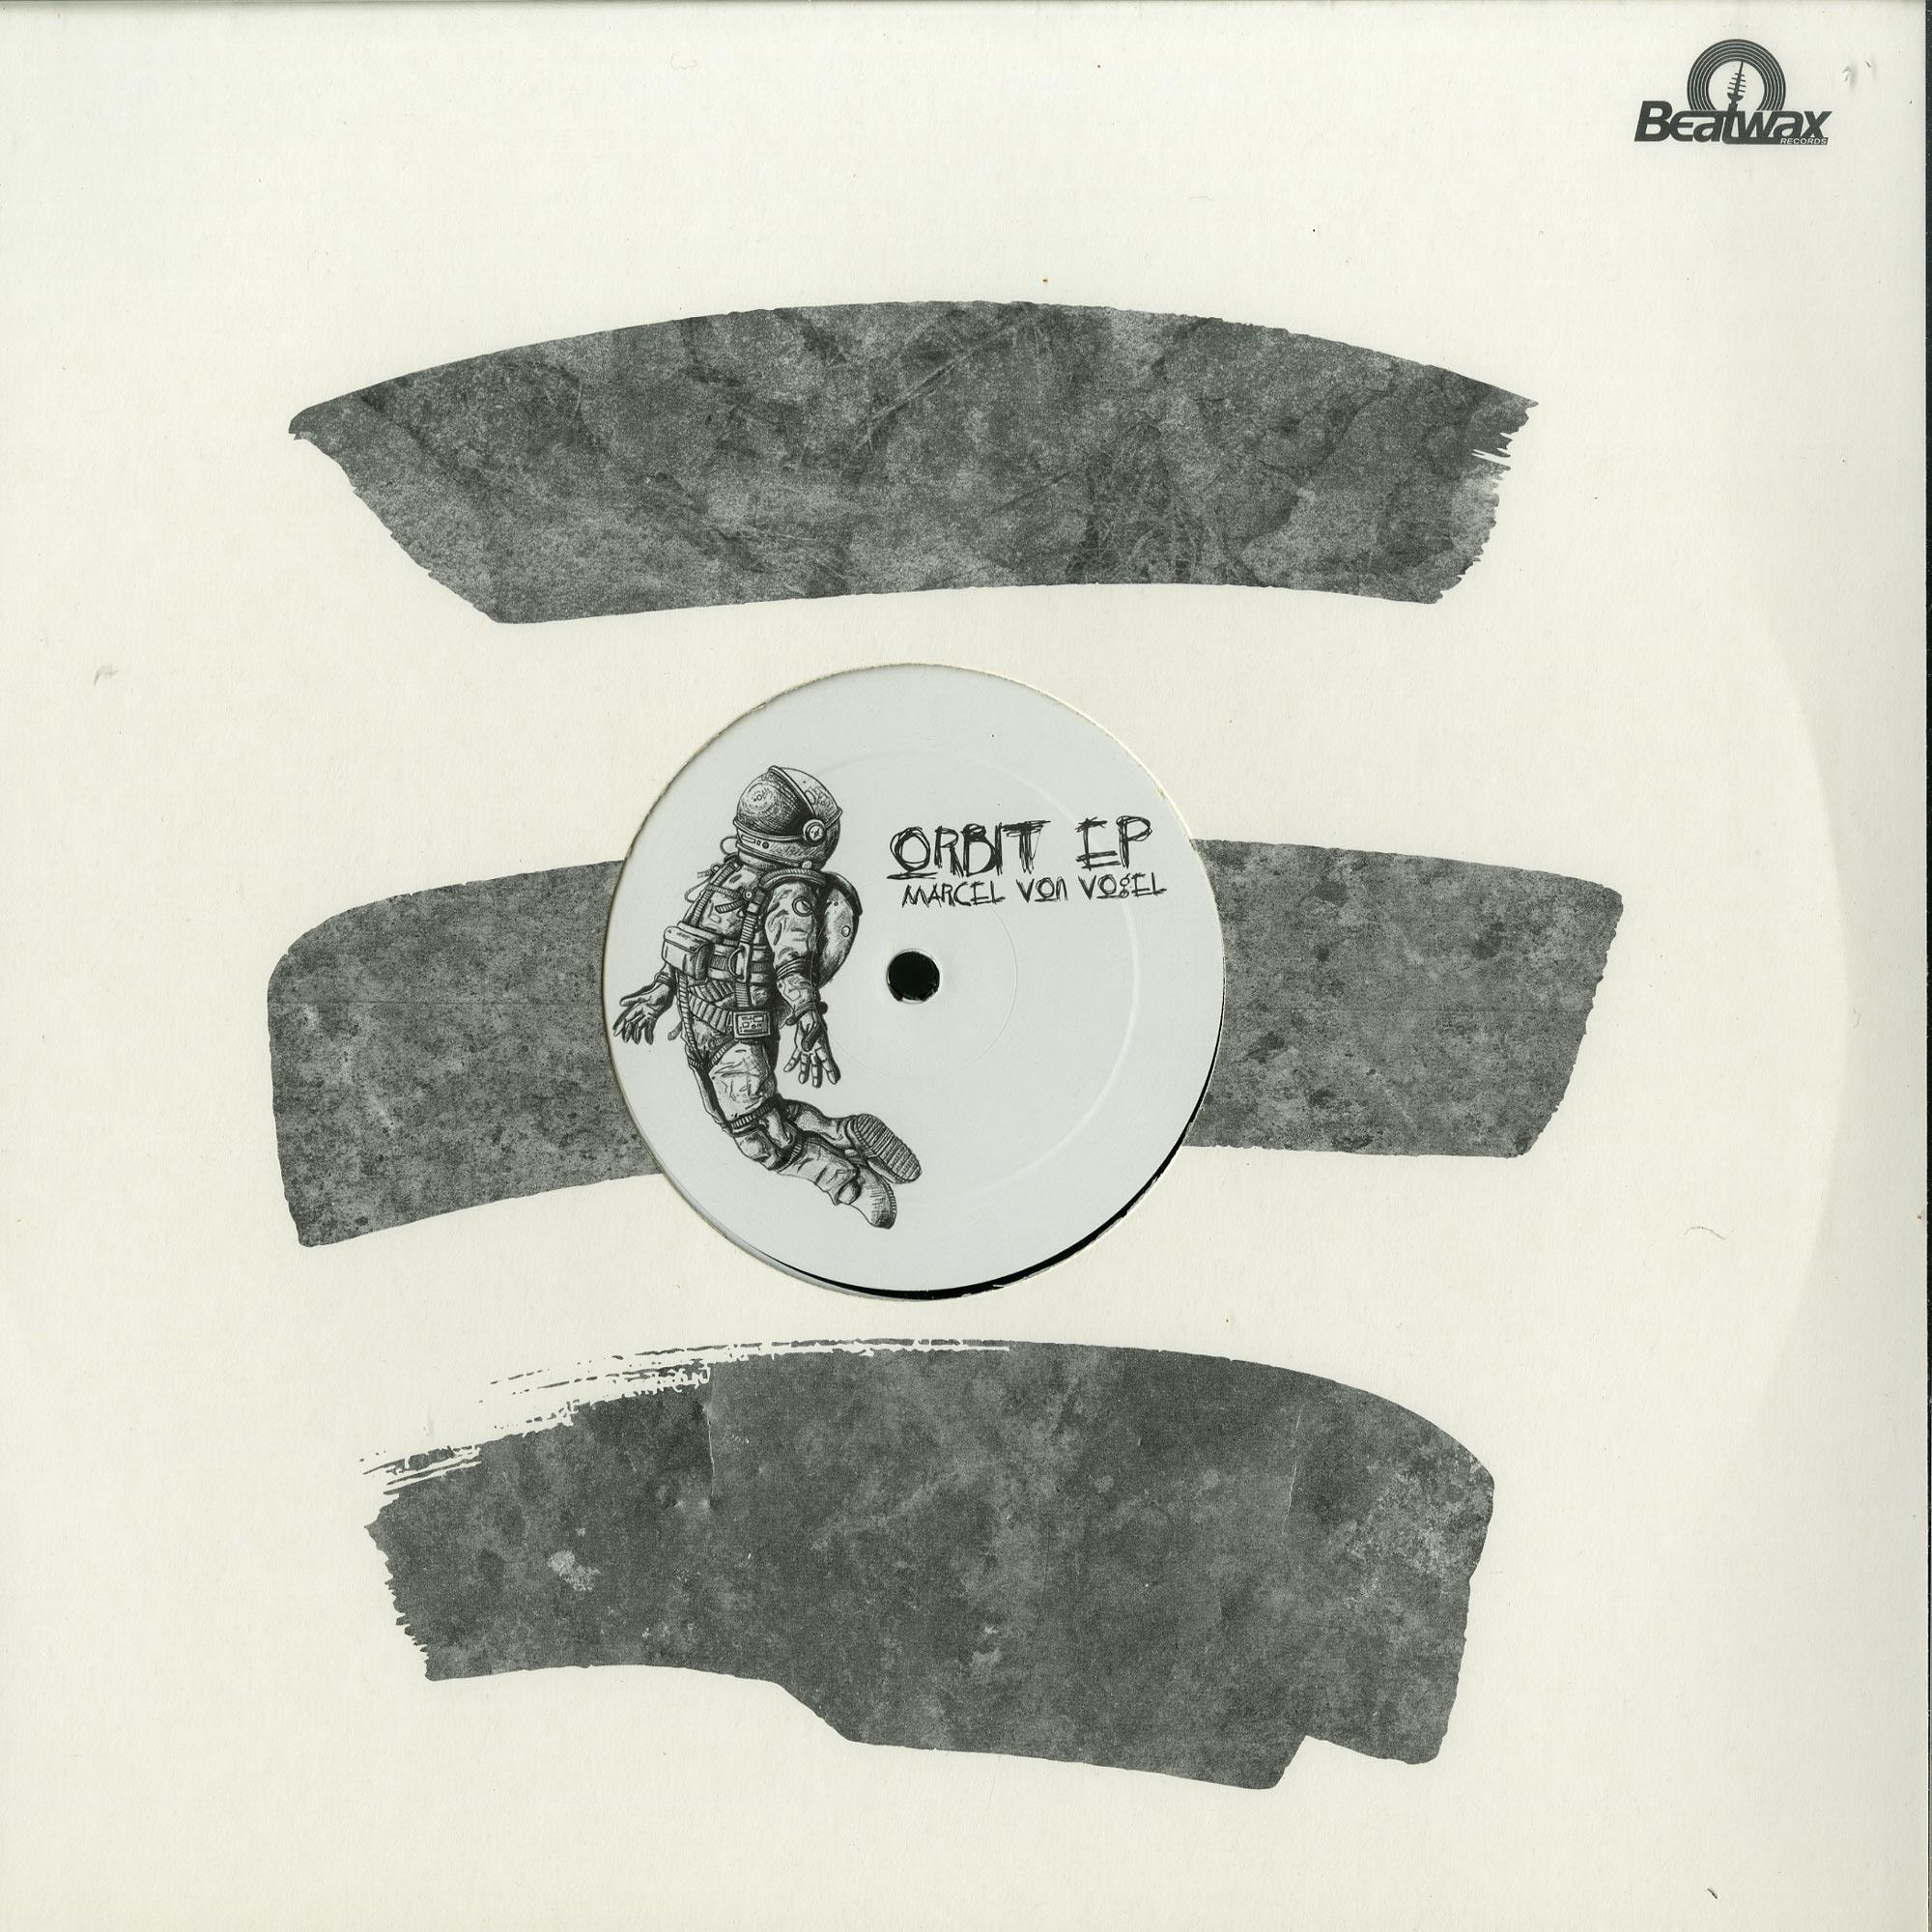 Marcel Von Vogel - ORBIT EP